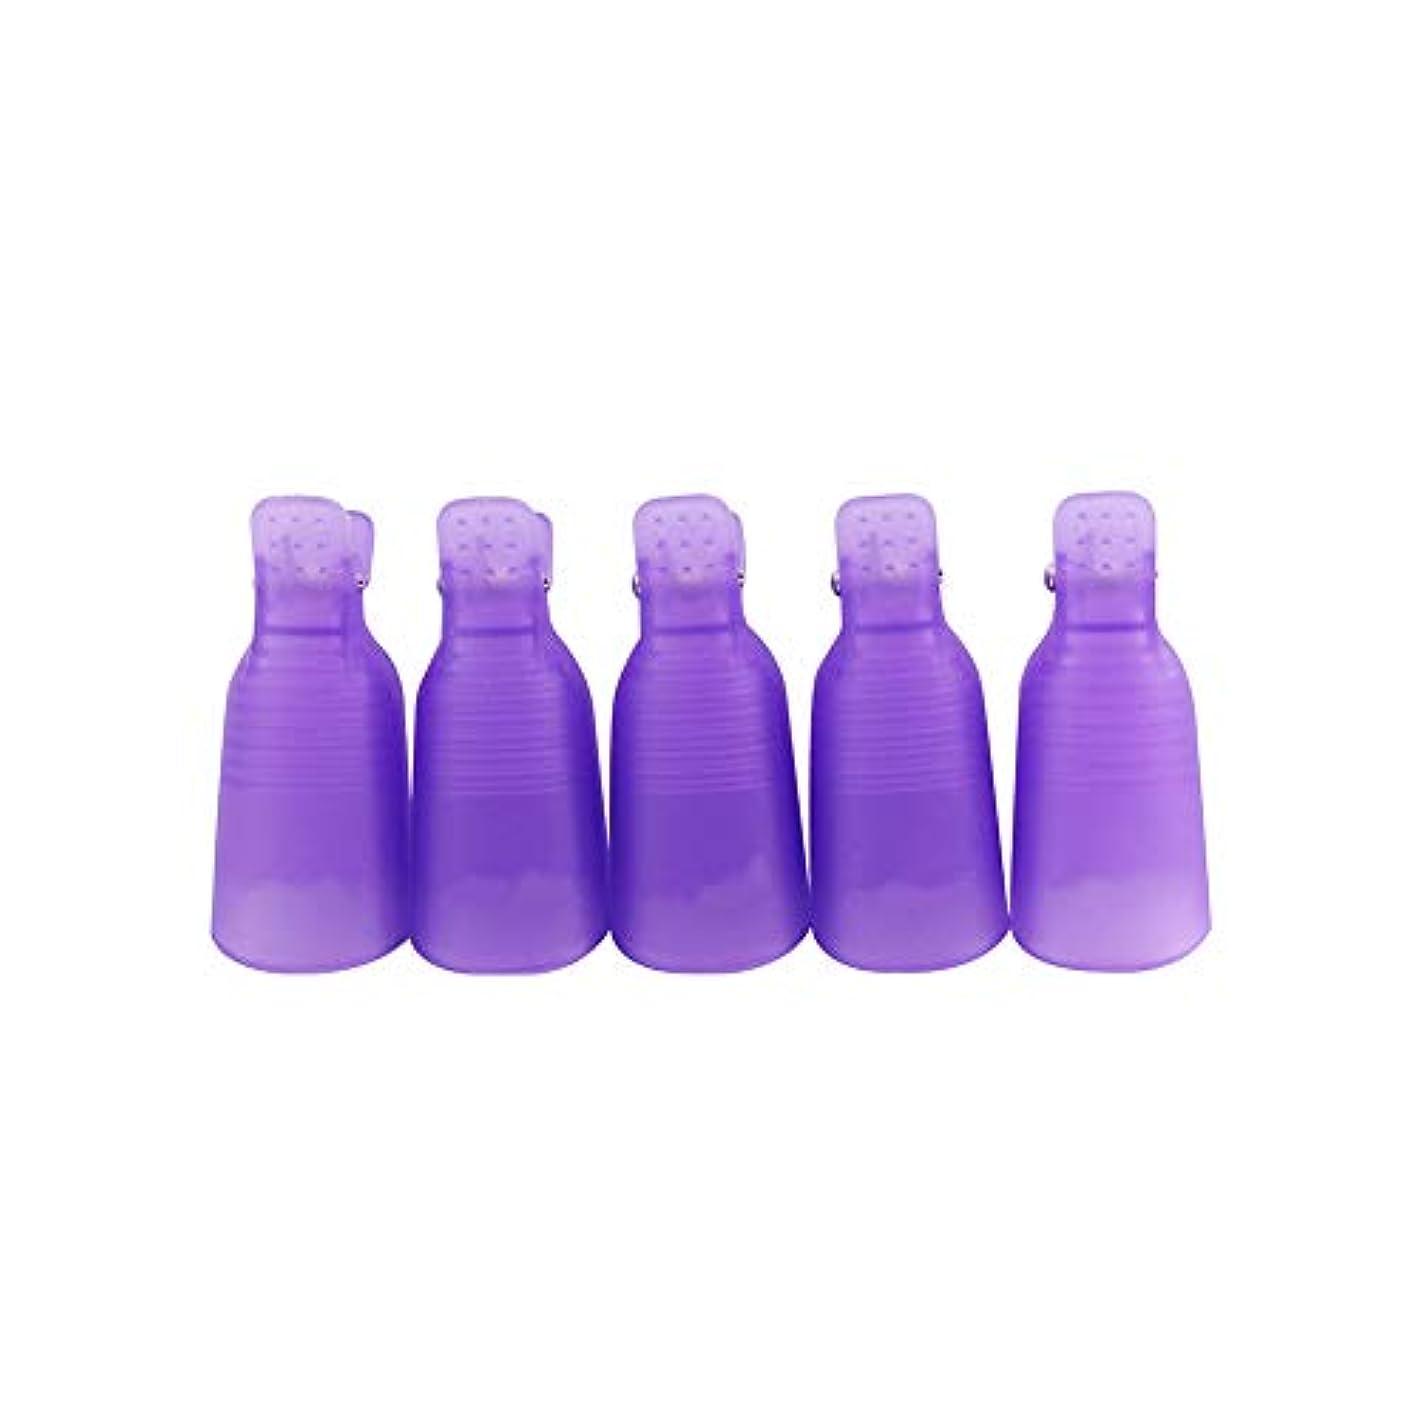 あいまいホーム快い5マニキュアUV接着パッドは、キャップリムーバーツールネイルネイルポリッシュリムーバー再利用可能なシリコーンはラップまたはオフに浸した家庭用のサロン(紫)